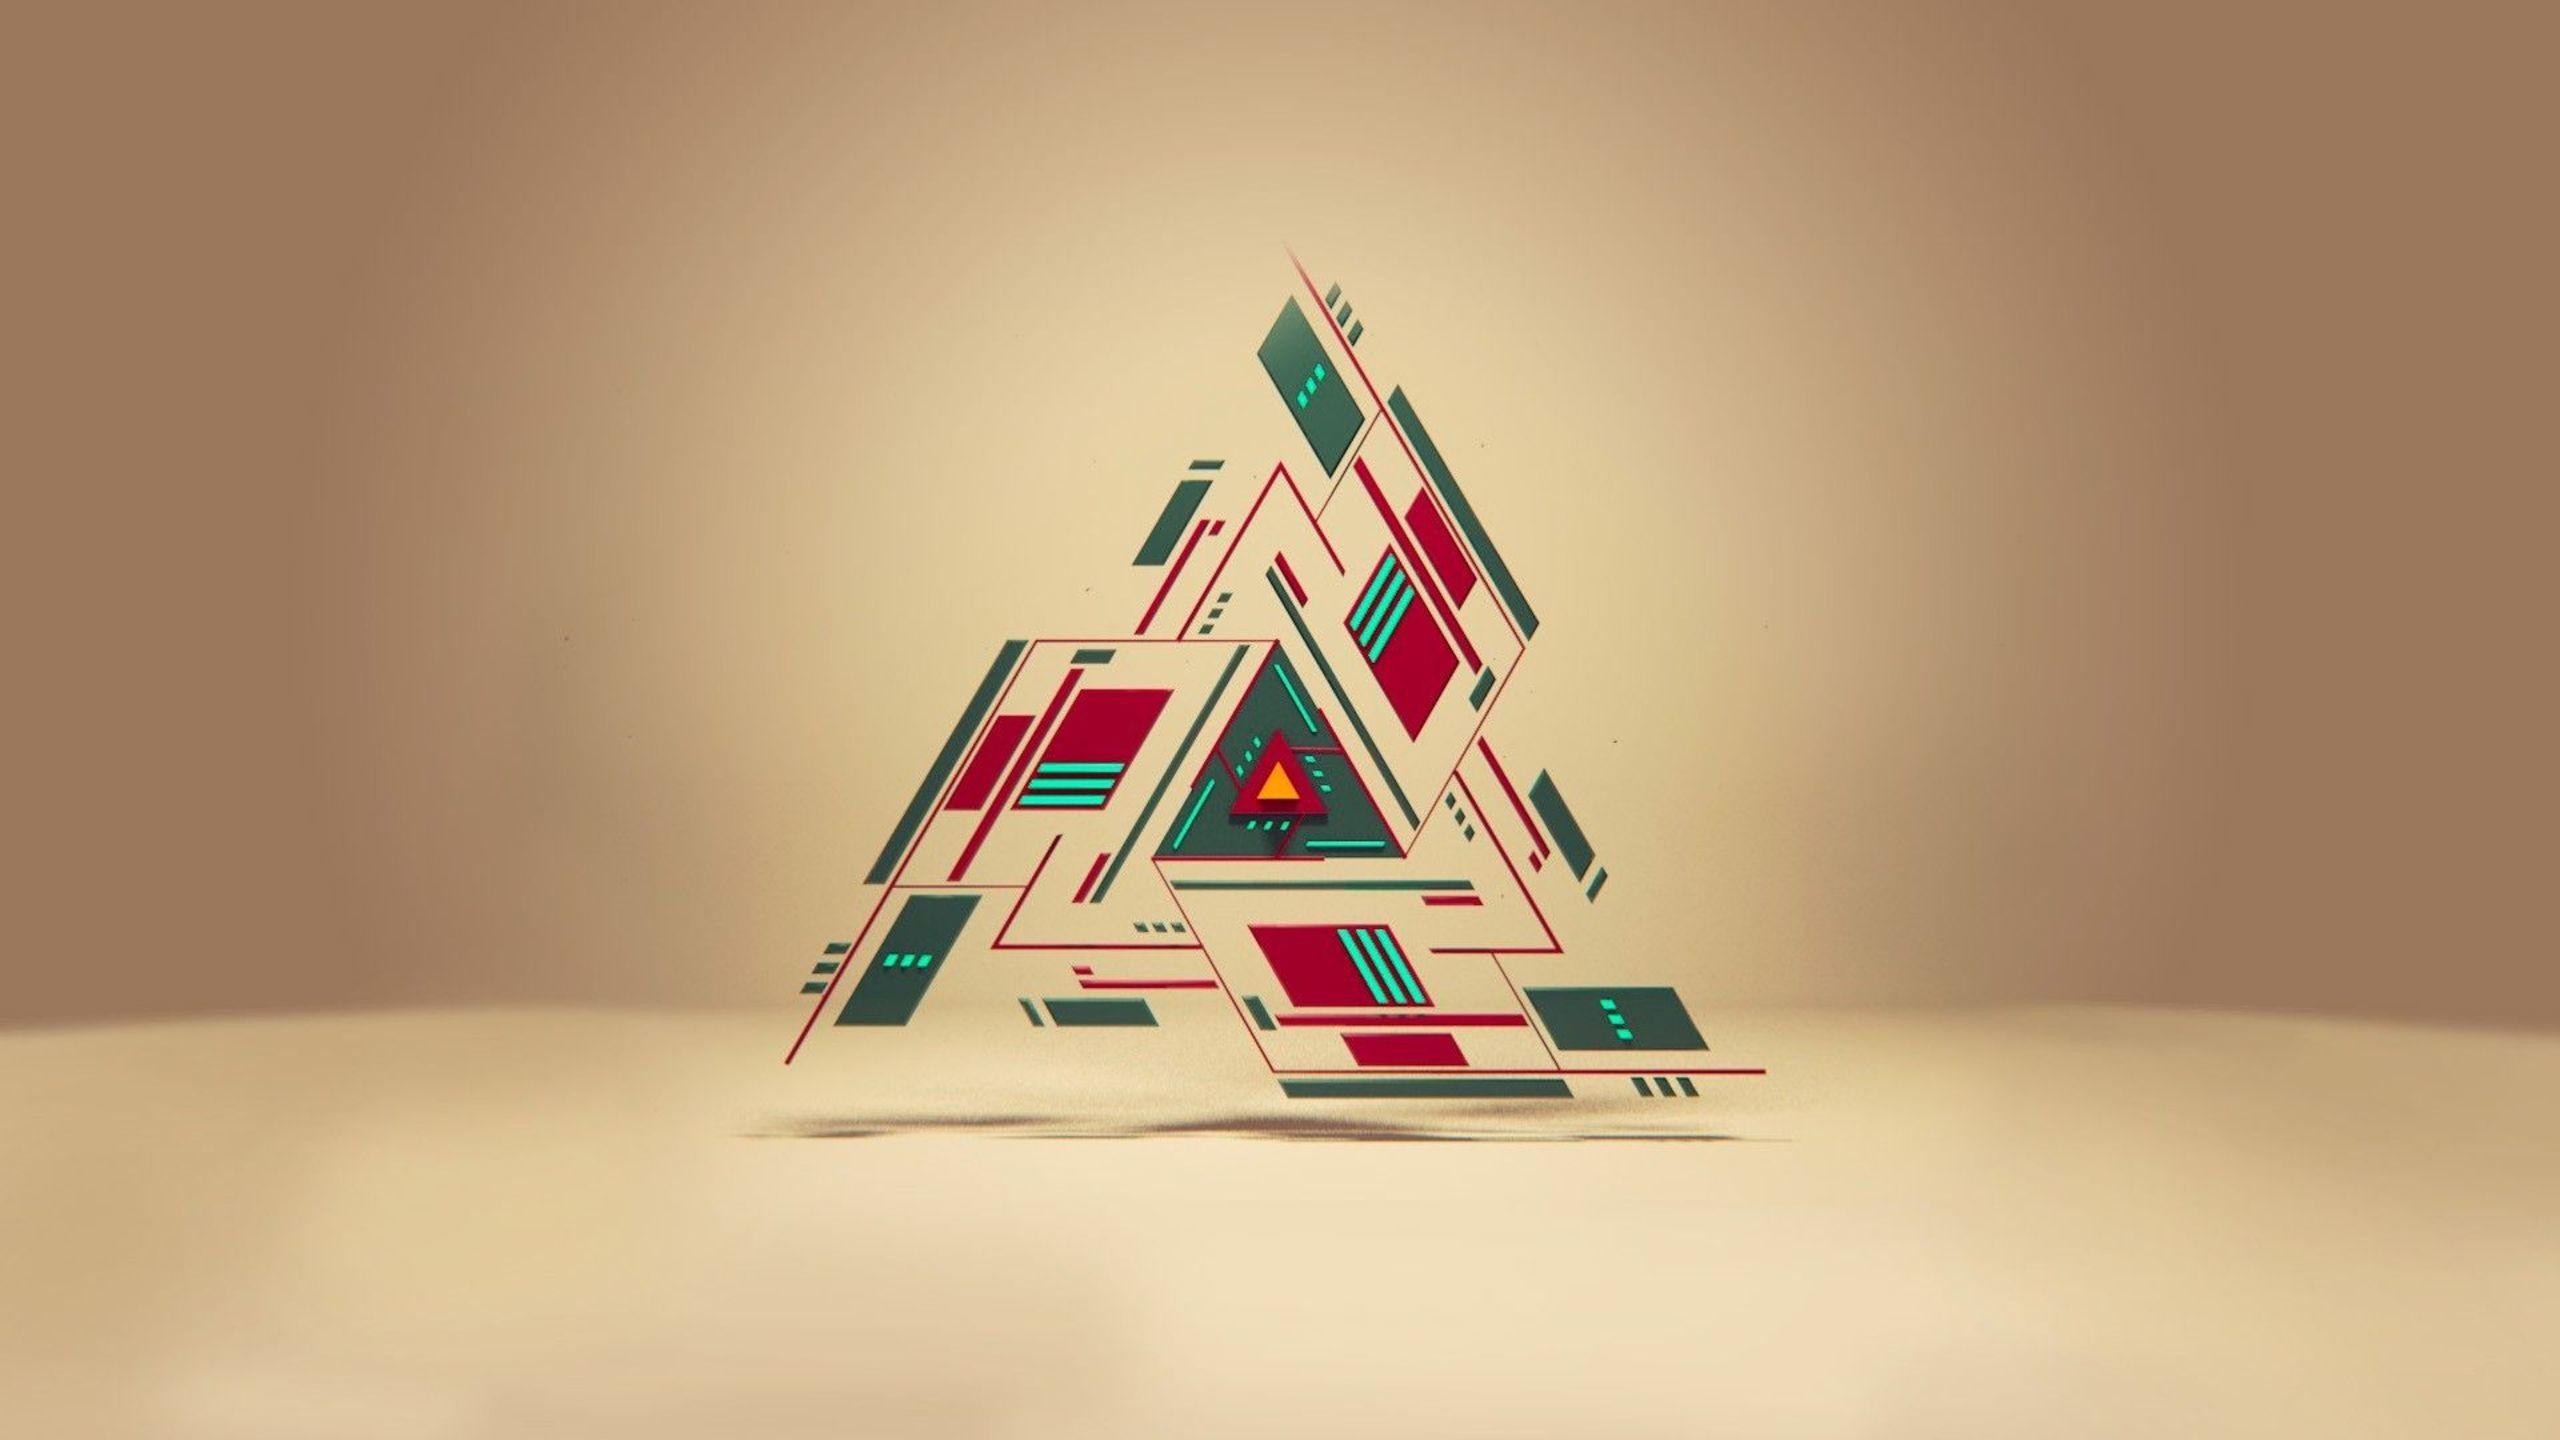 Triangle Wallpaper #2390